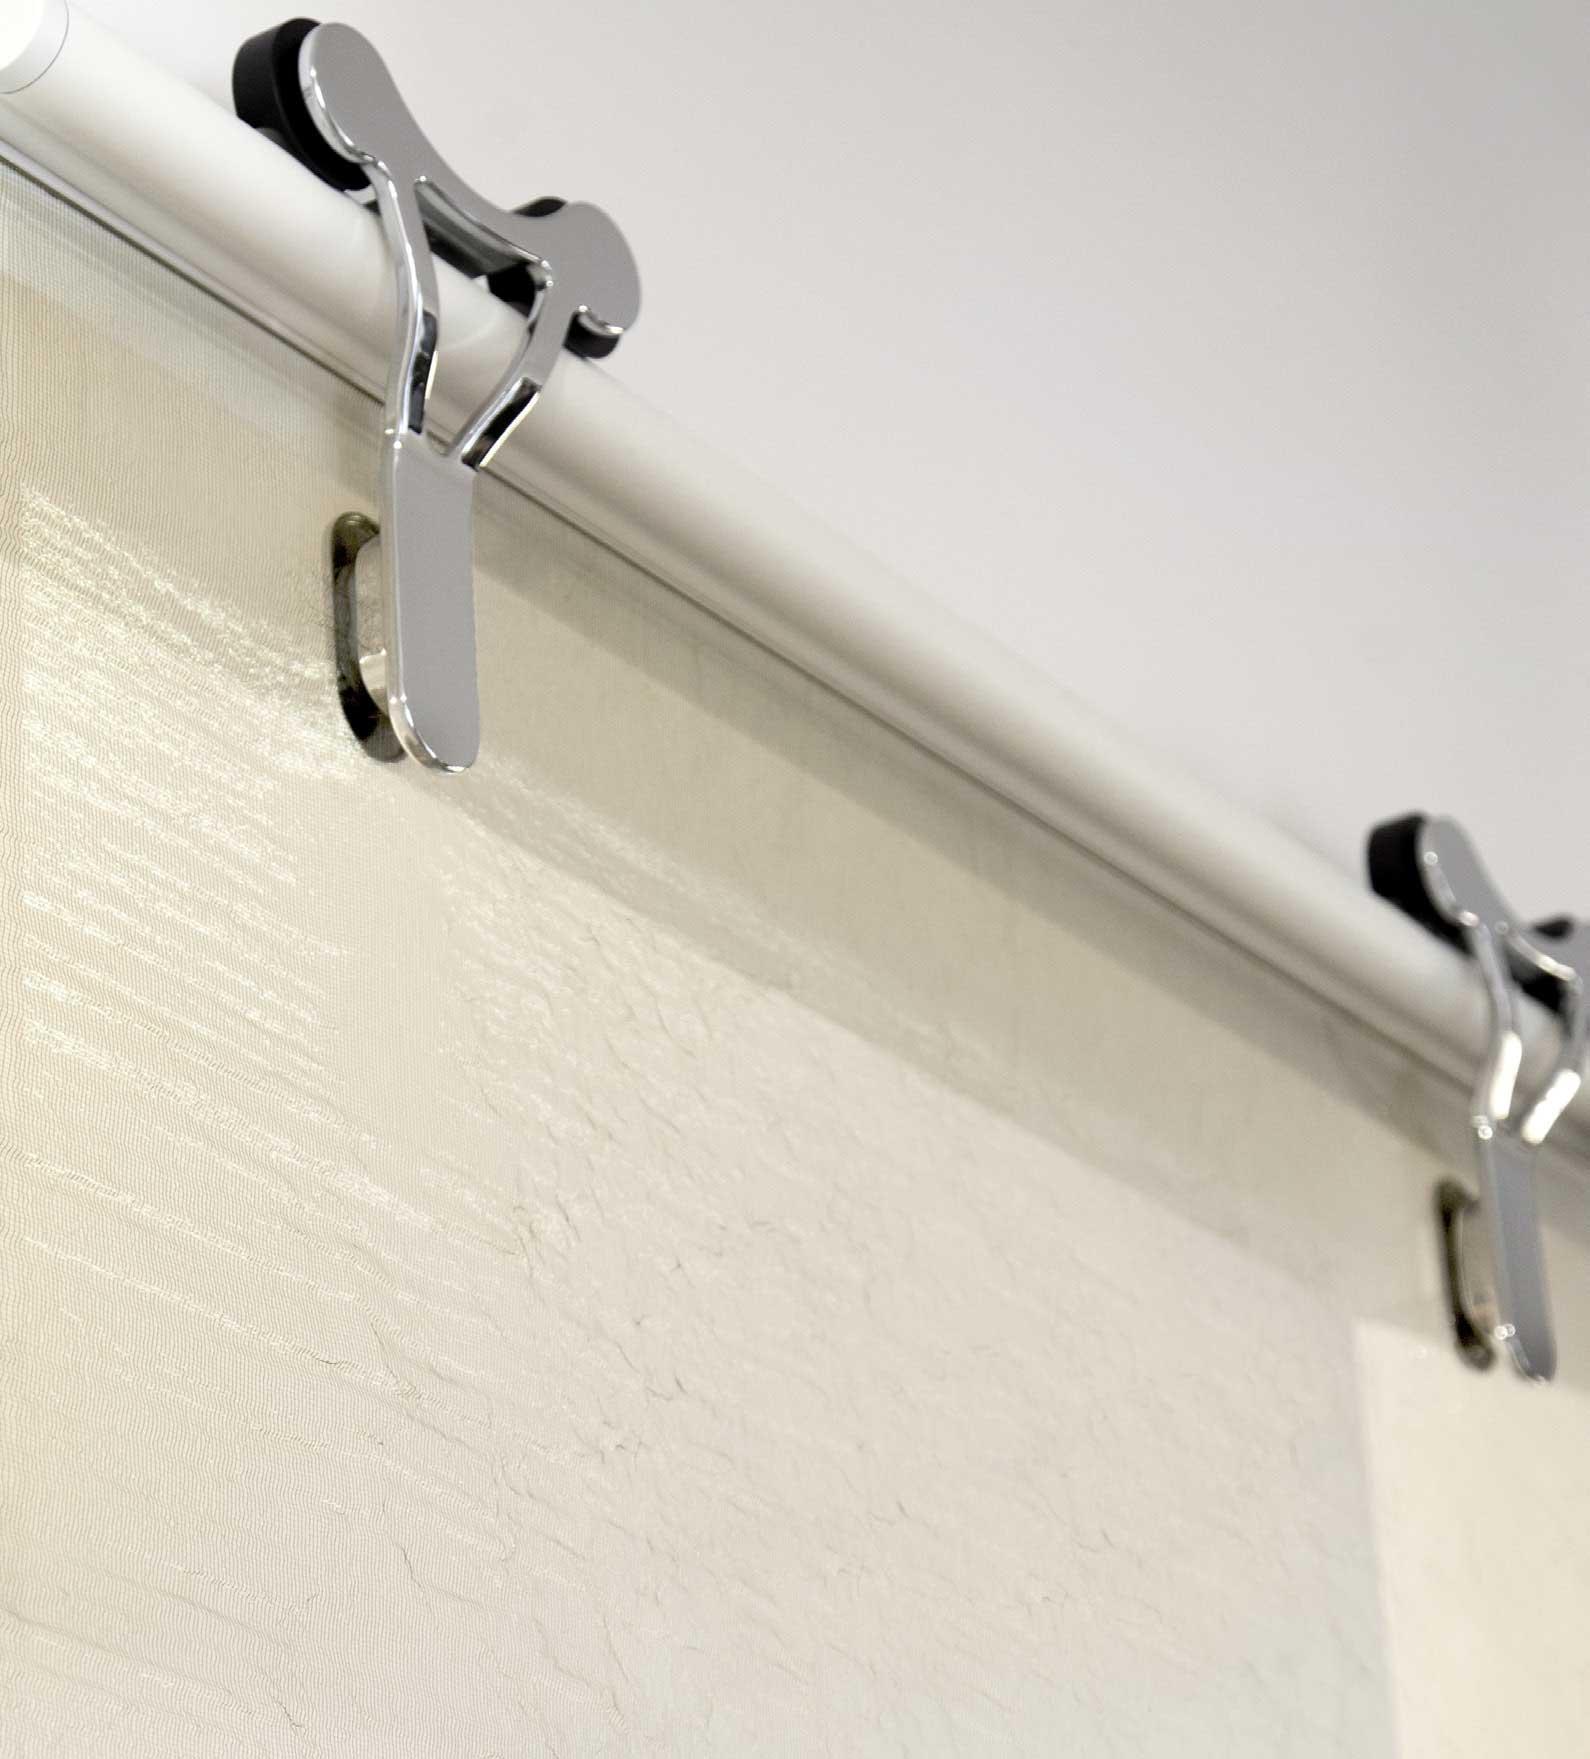 Porta scorrevole vetro logika adielle tecnologia e leggerezza - Dettaglio porta scorrevole ...